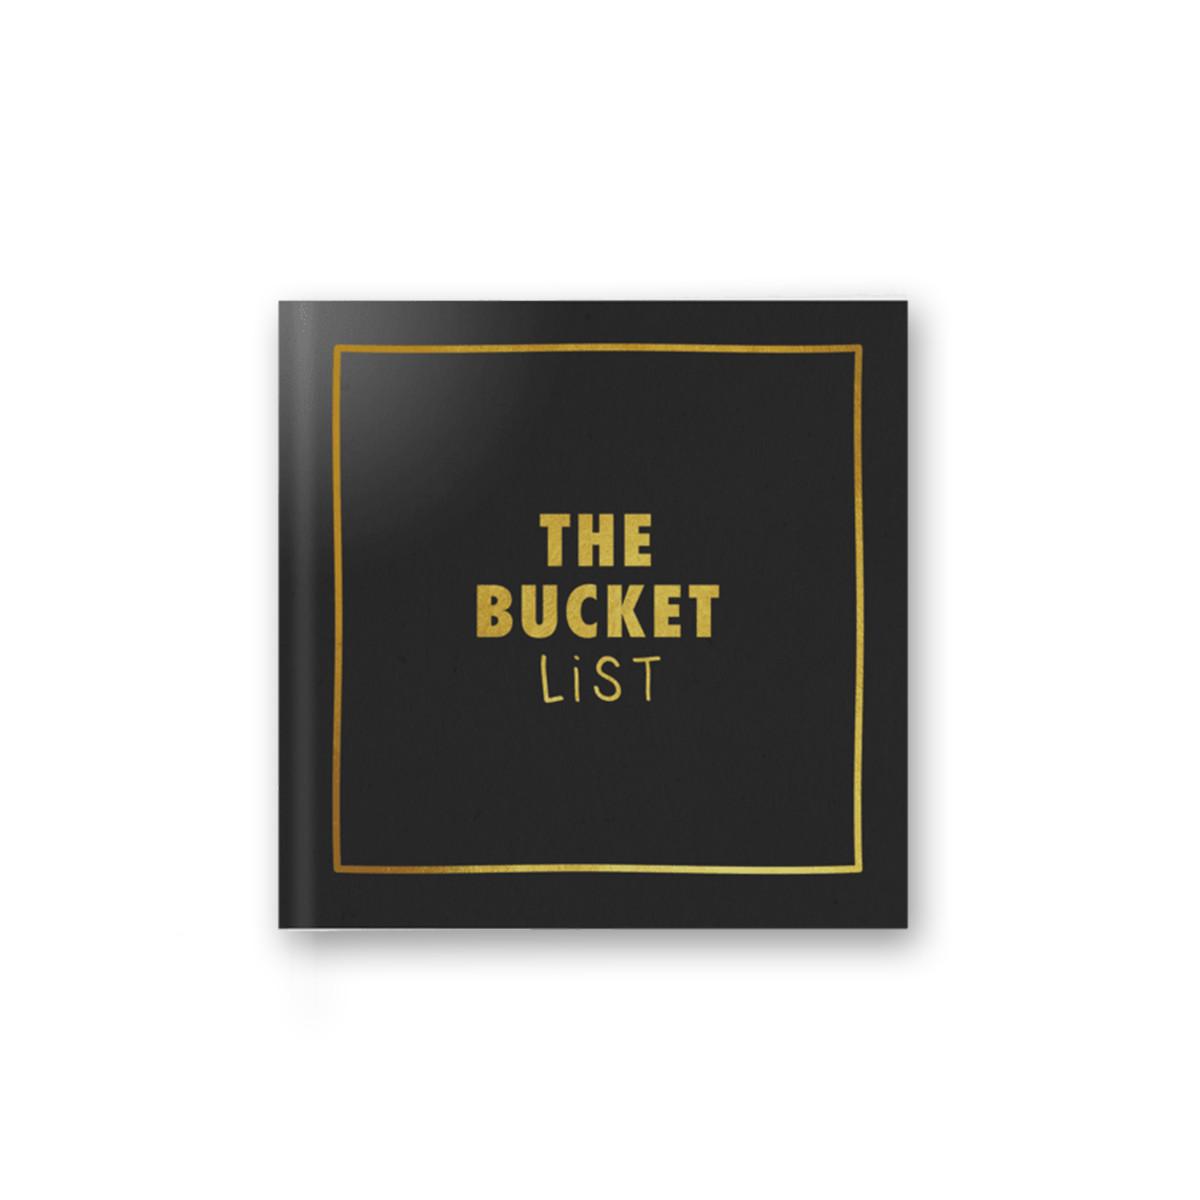 Gorsh Net Bit Cora De Actividades Bucket List Negra # Bitacora Muebles